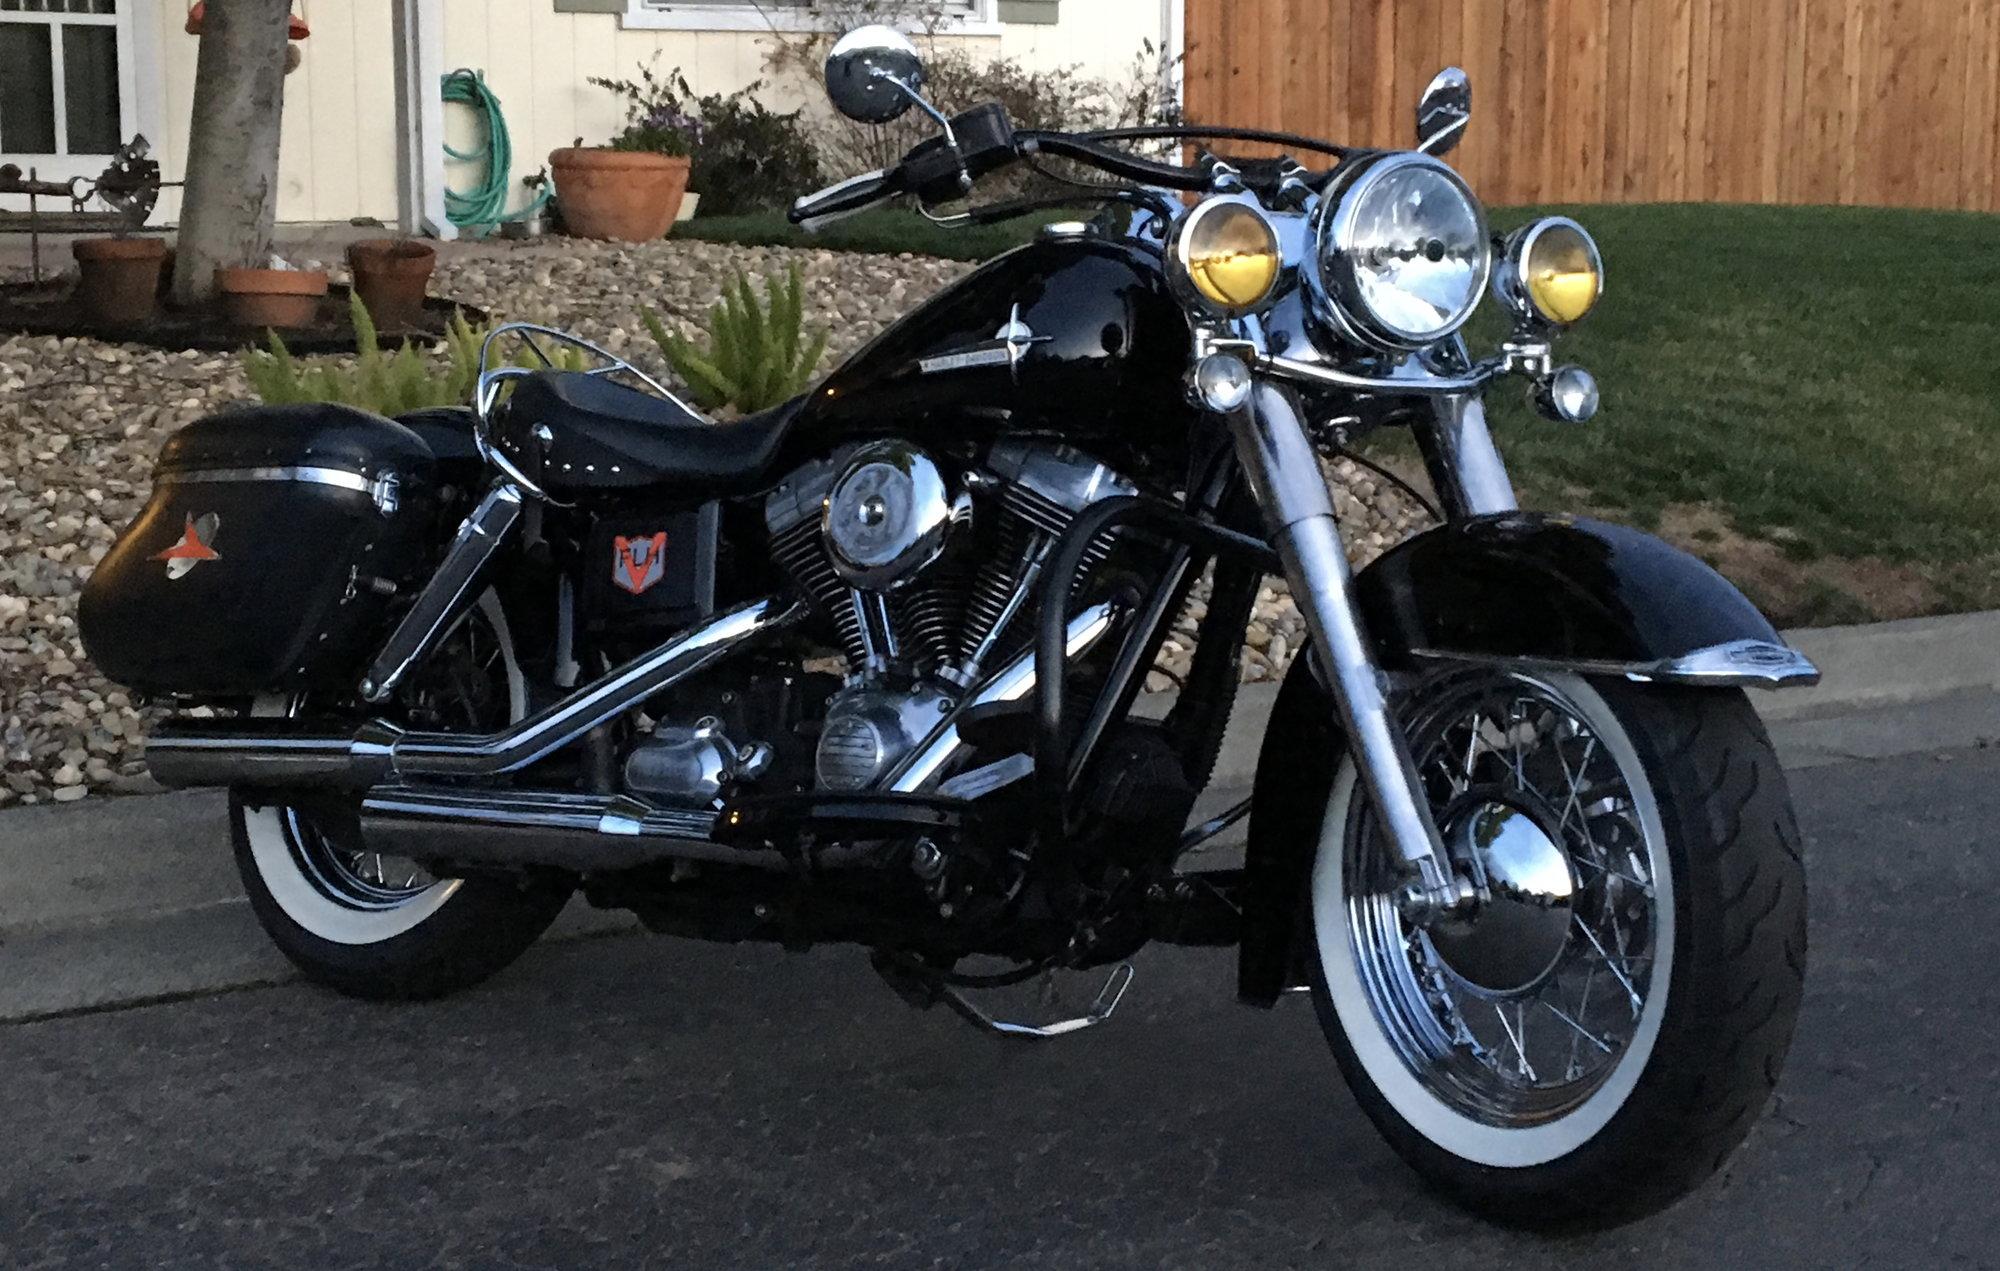 FLS front end on sportster - Harley Davidson Forums